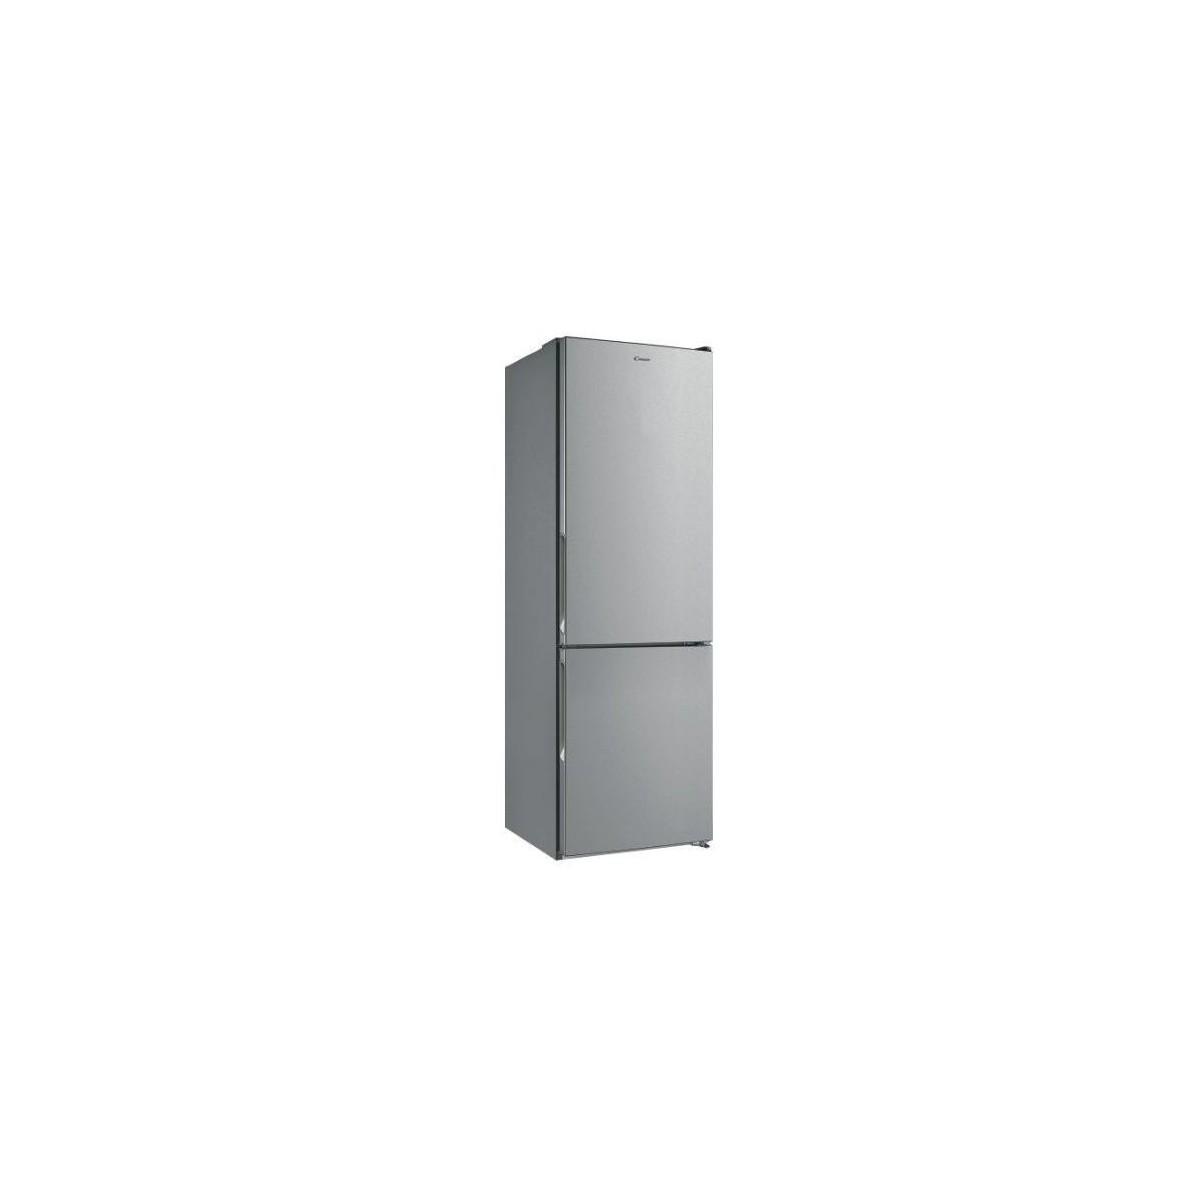 Frigorifico Combi Candy CVBNM 6182XP/SN clase A+ 188cm